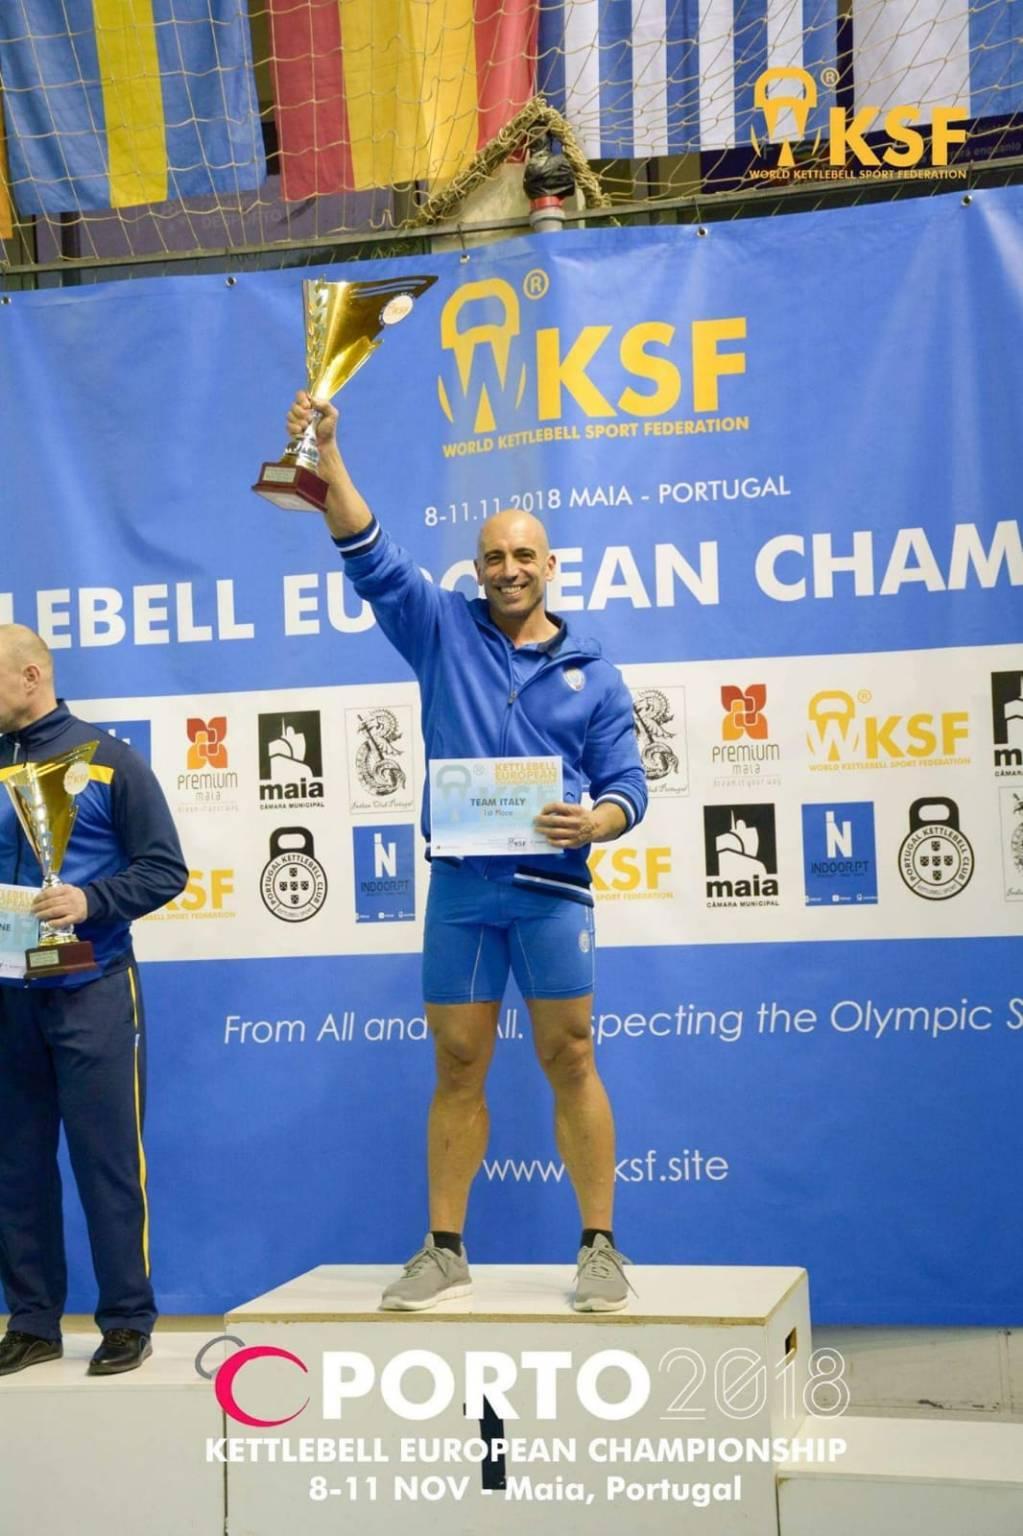 La Only Kettlebell al campionato europeo di Oporto